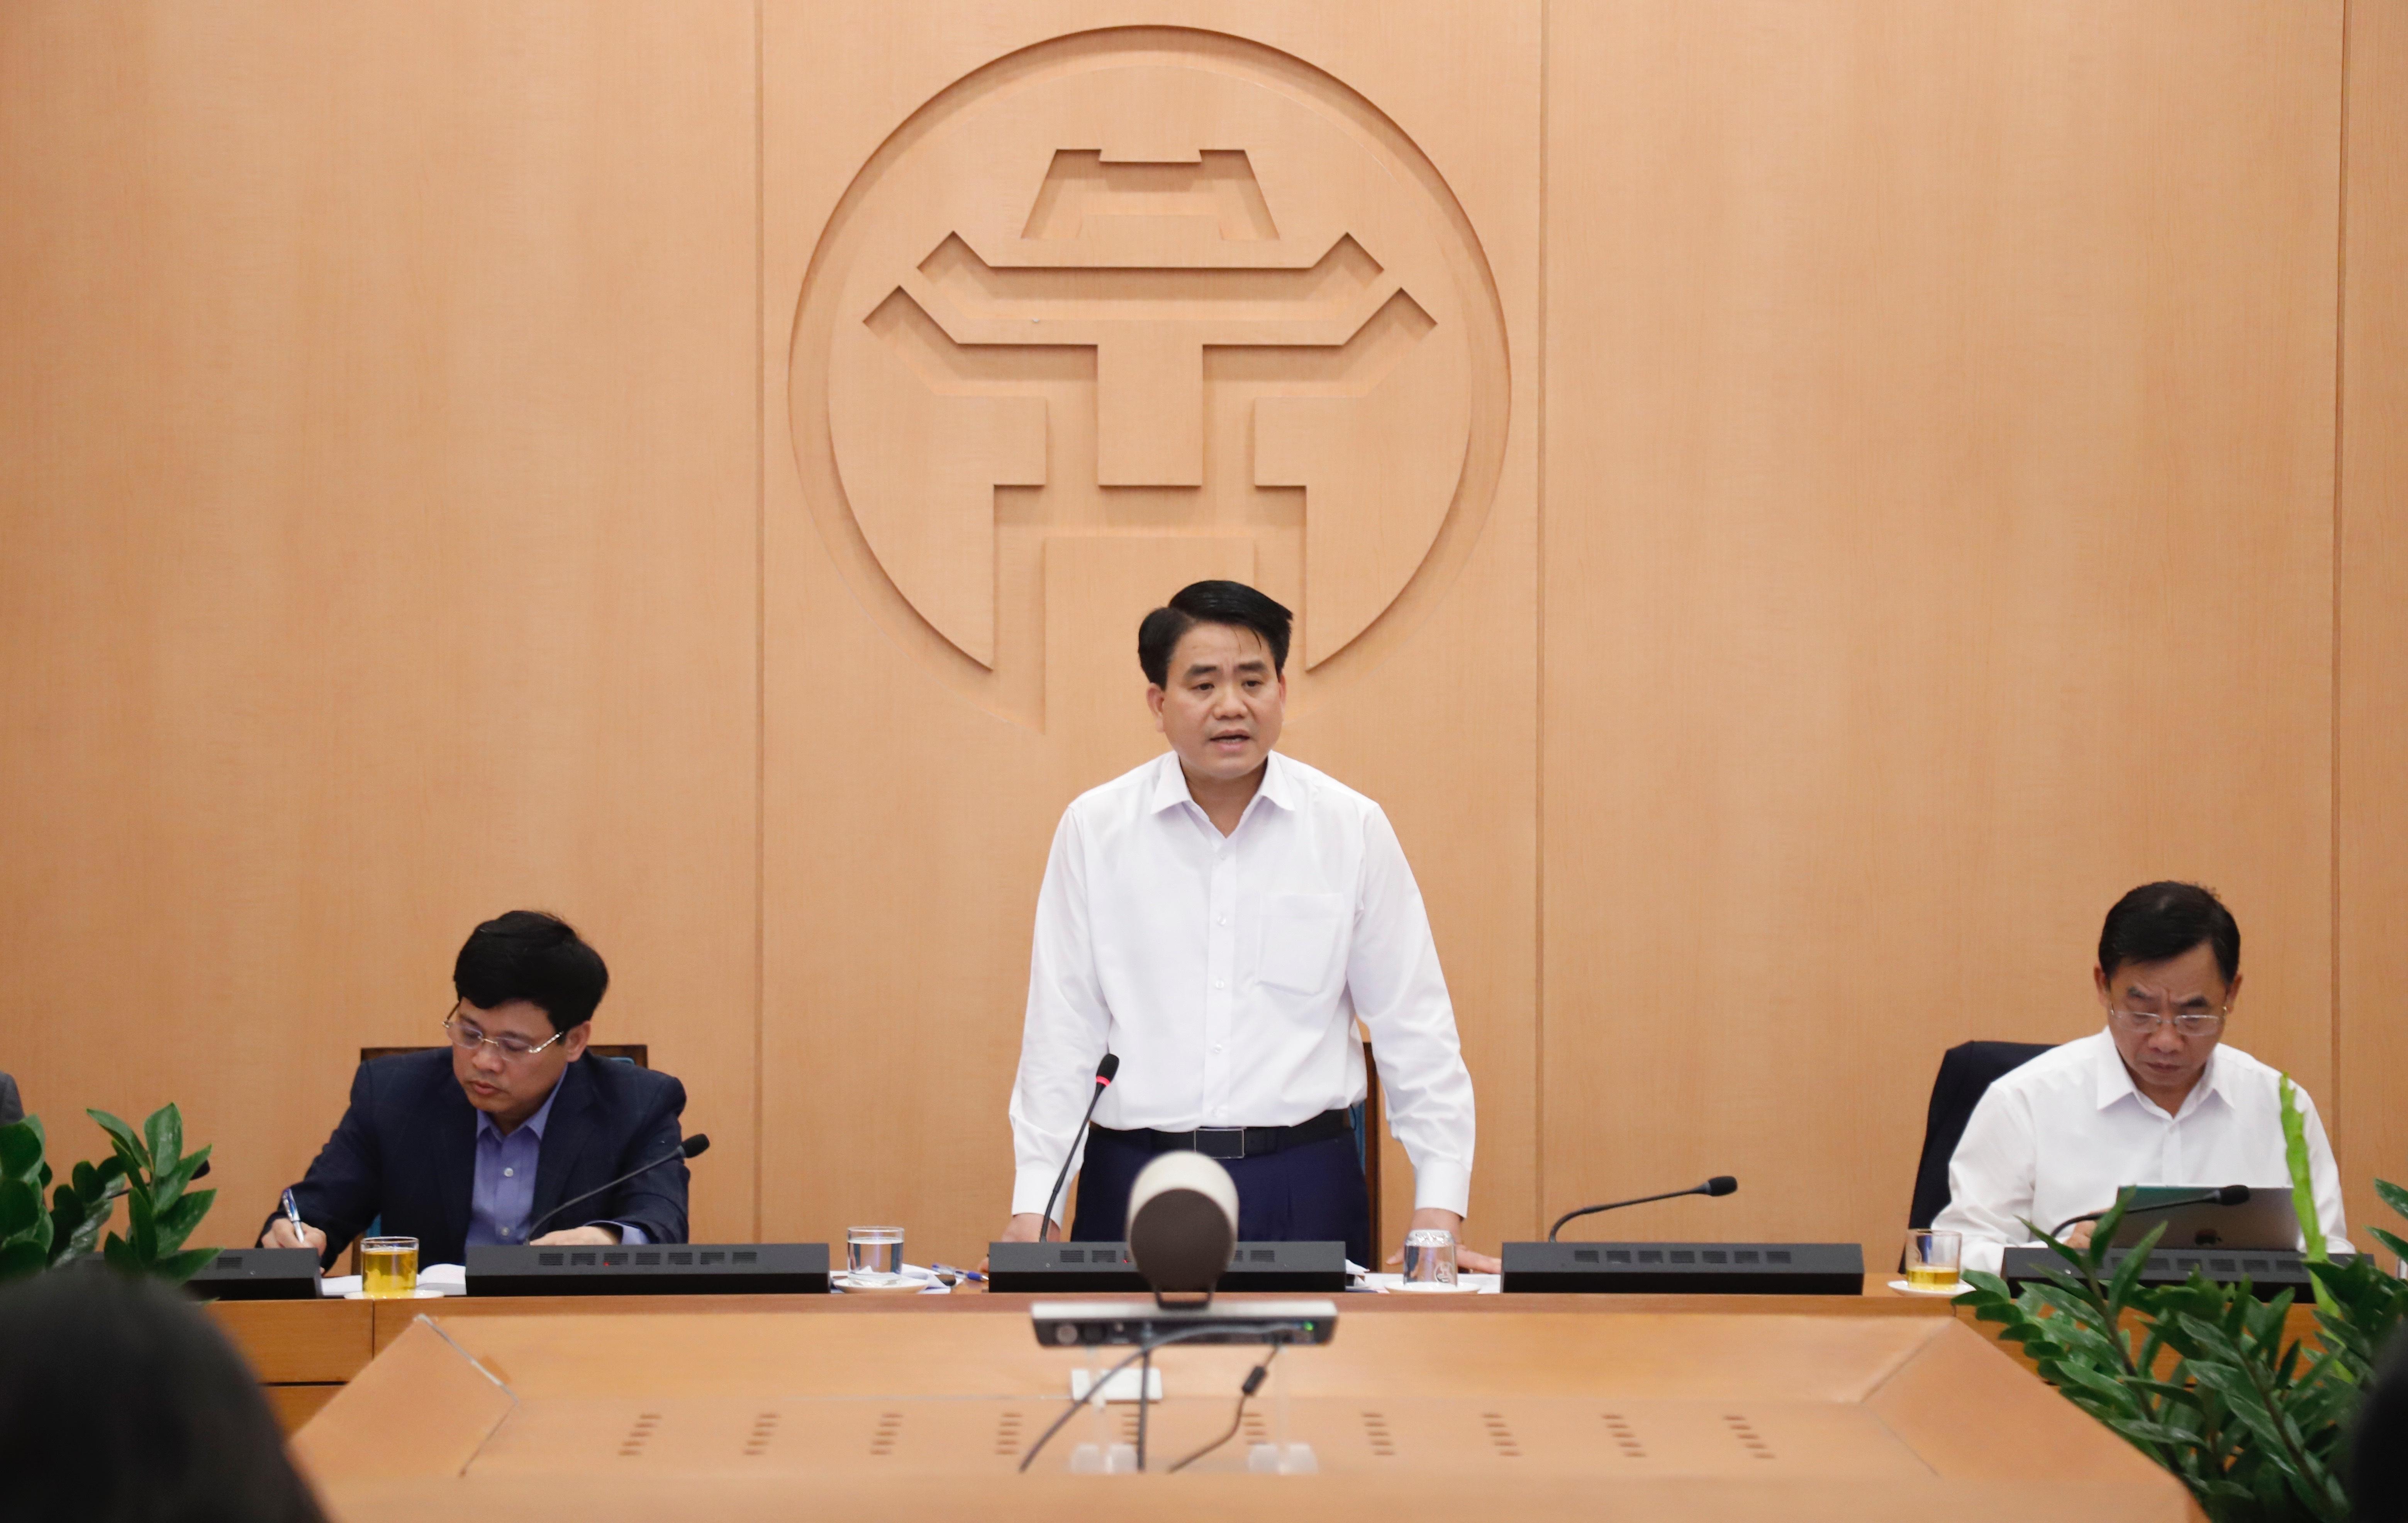 Chủ tịch Hà Nội: Tất cả các quán cà phê phải dừng hoạt động